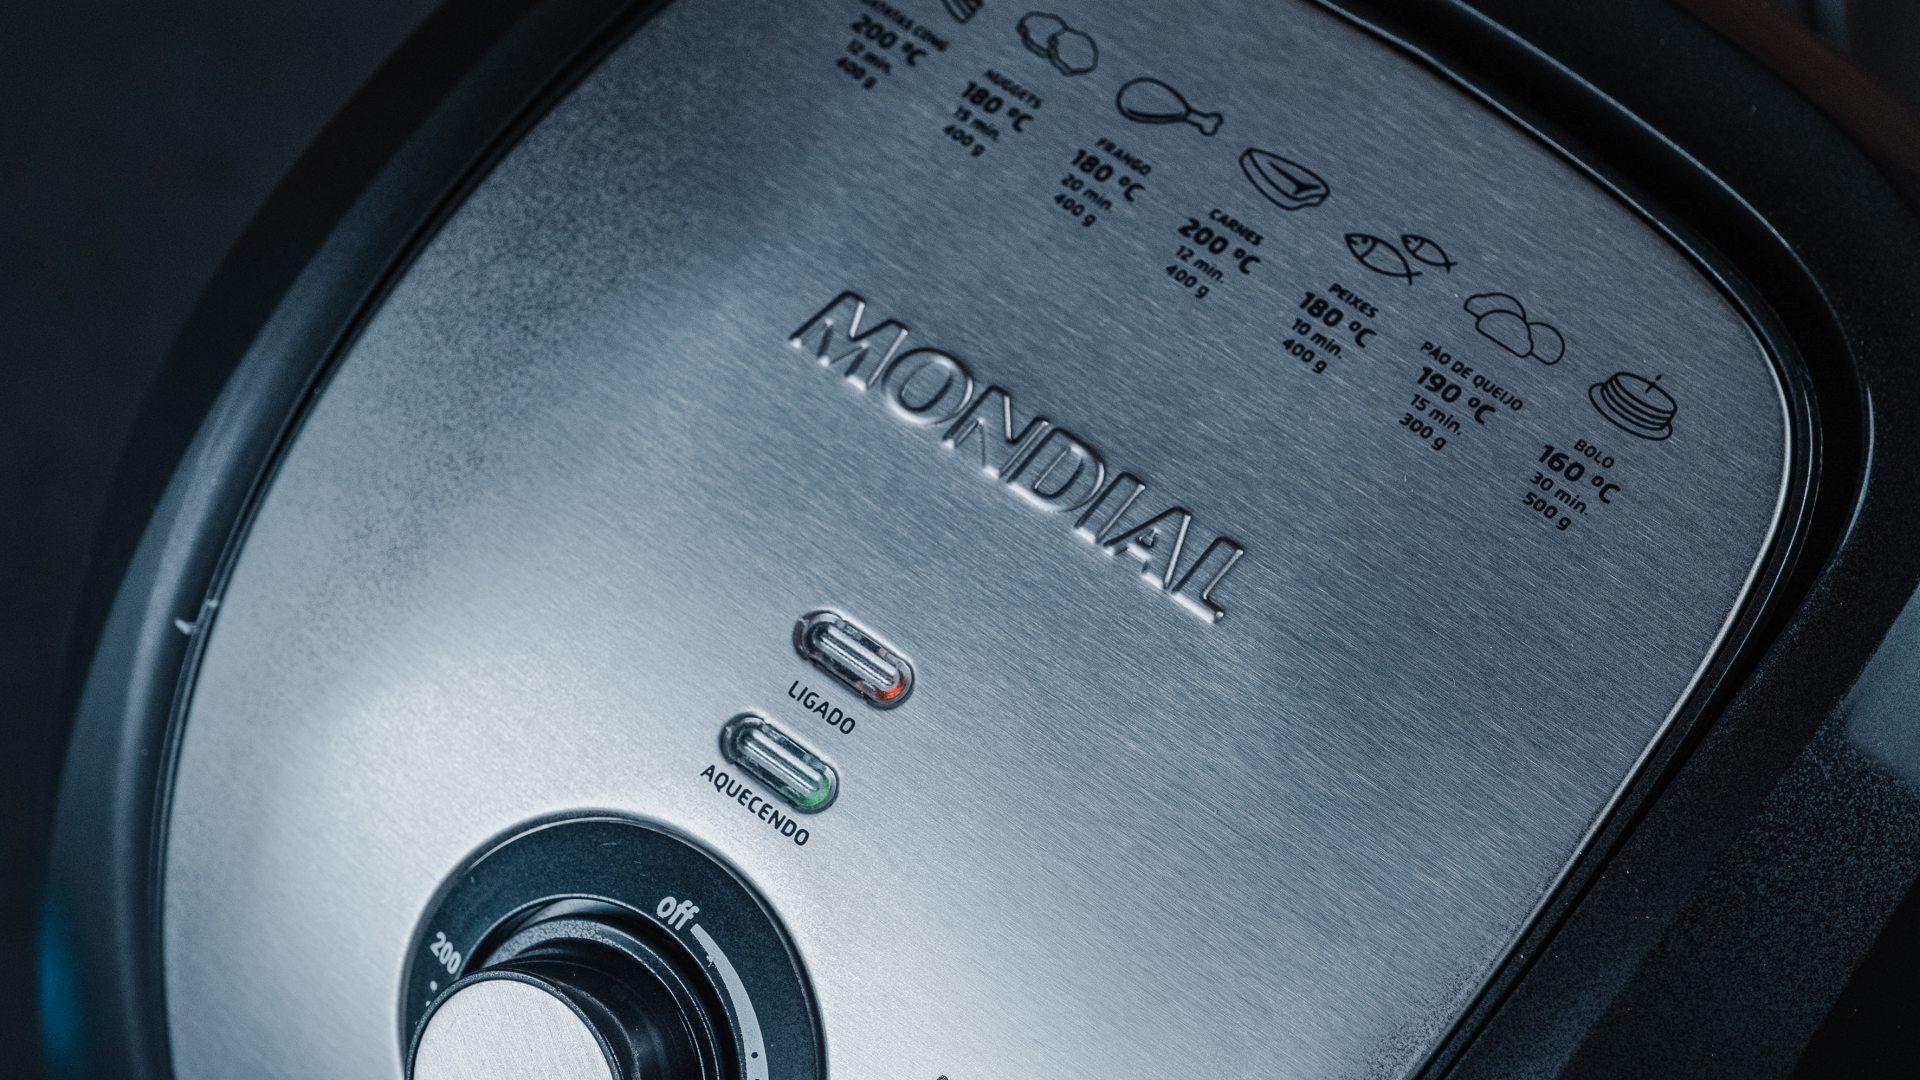 As luzes indicadoras da airfryer Mondial ficam acima dos botões seletores (Foto: Zoom)